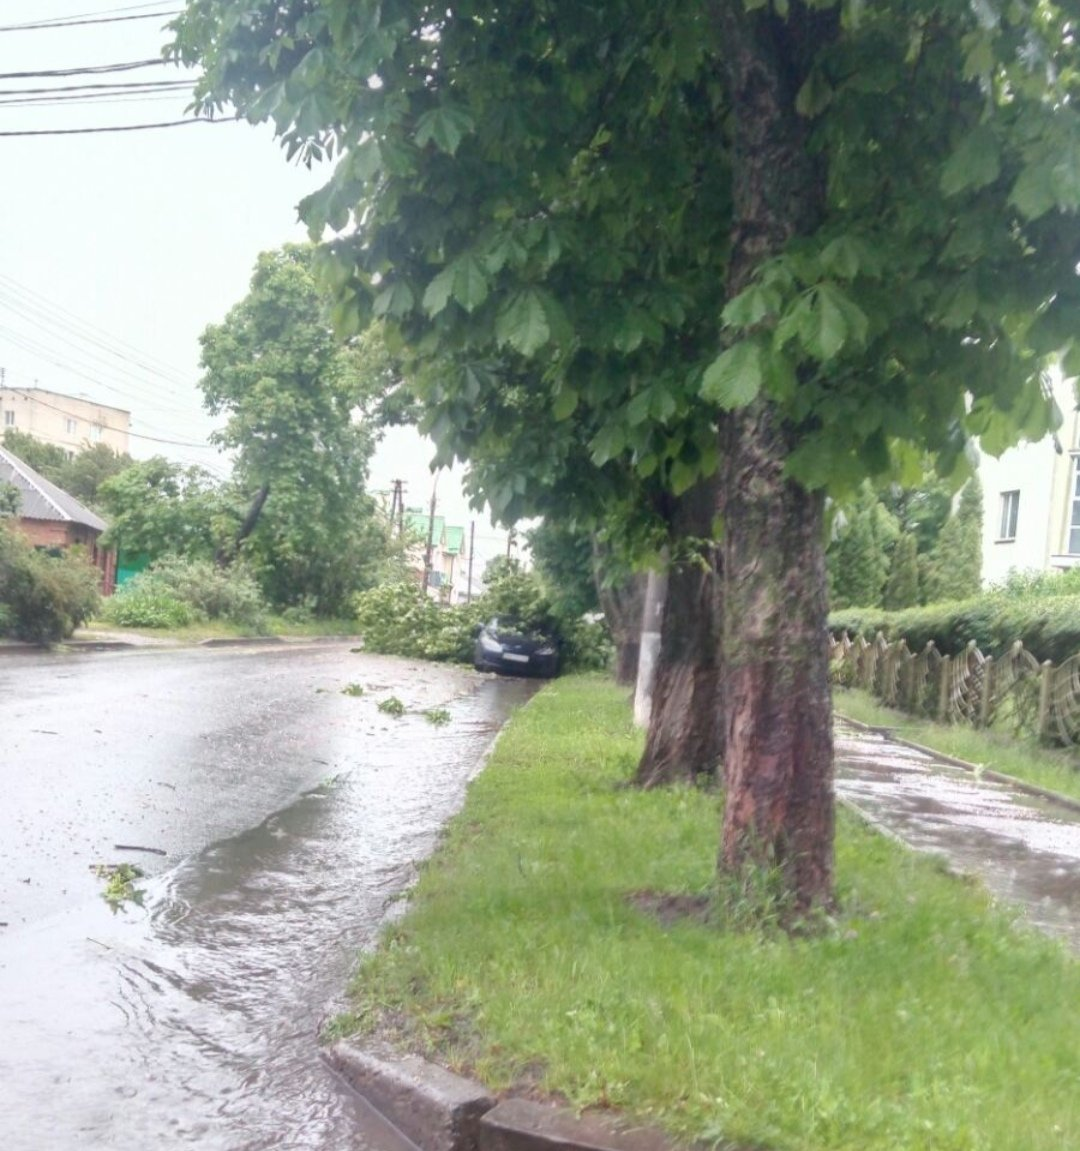 Буревій у Сумах: зламані дерева, паркани та пошкоджені автівки , фото-7